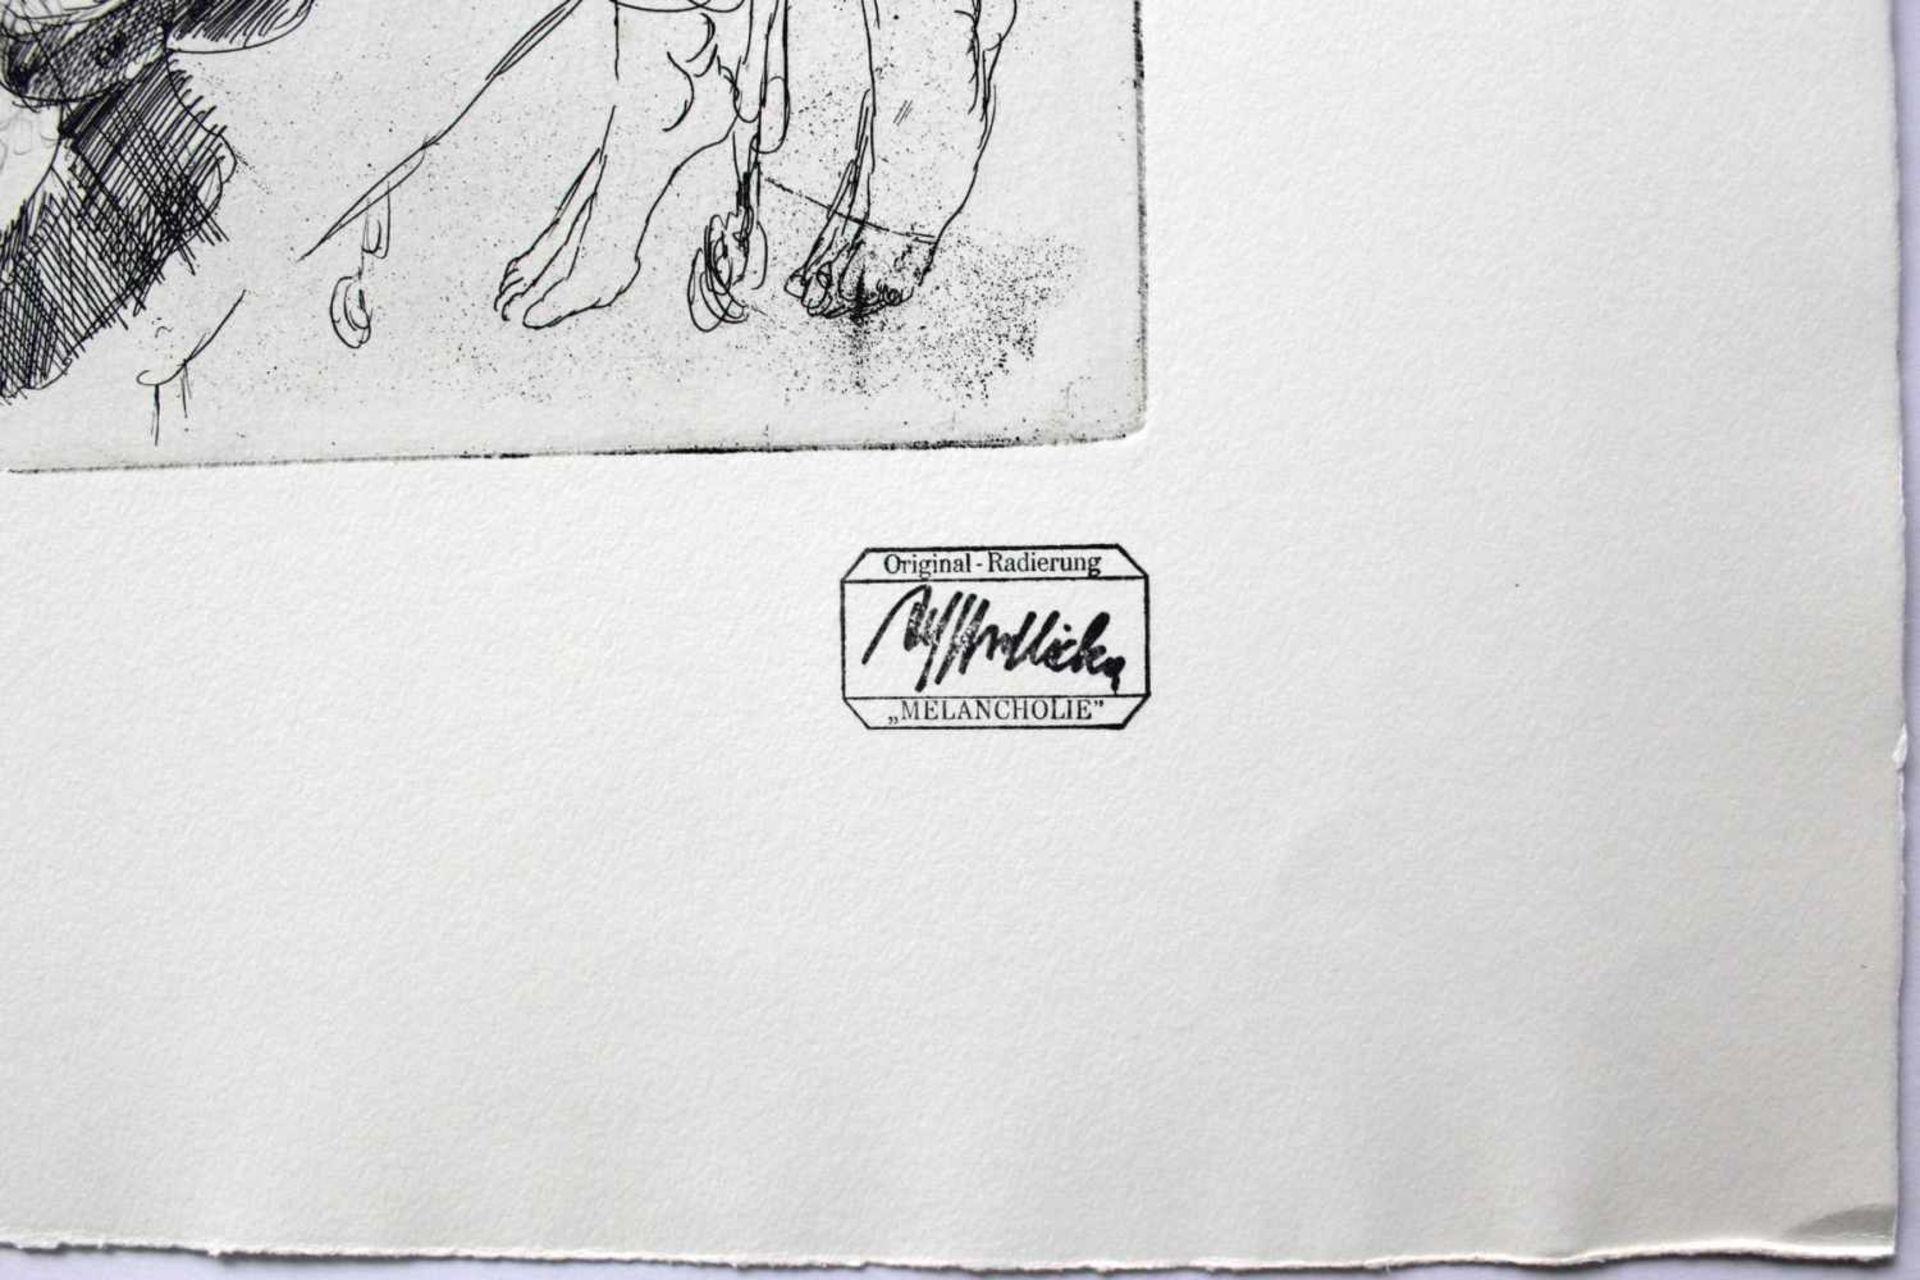 Alfred Hrdlicka 1928 - 2009 Melancholie Radierung Stempelsigniert und betitelt 50 x 65 cm - Bild 2 aus 2